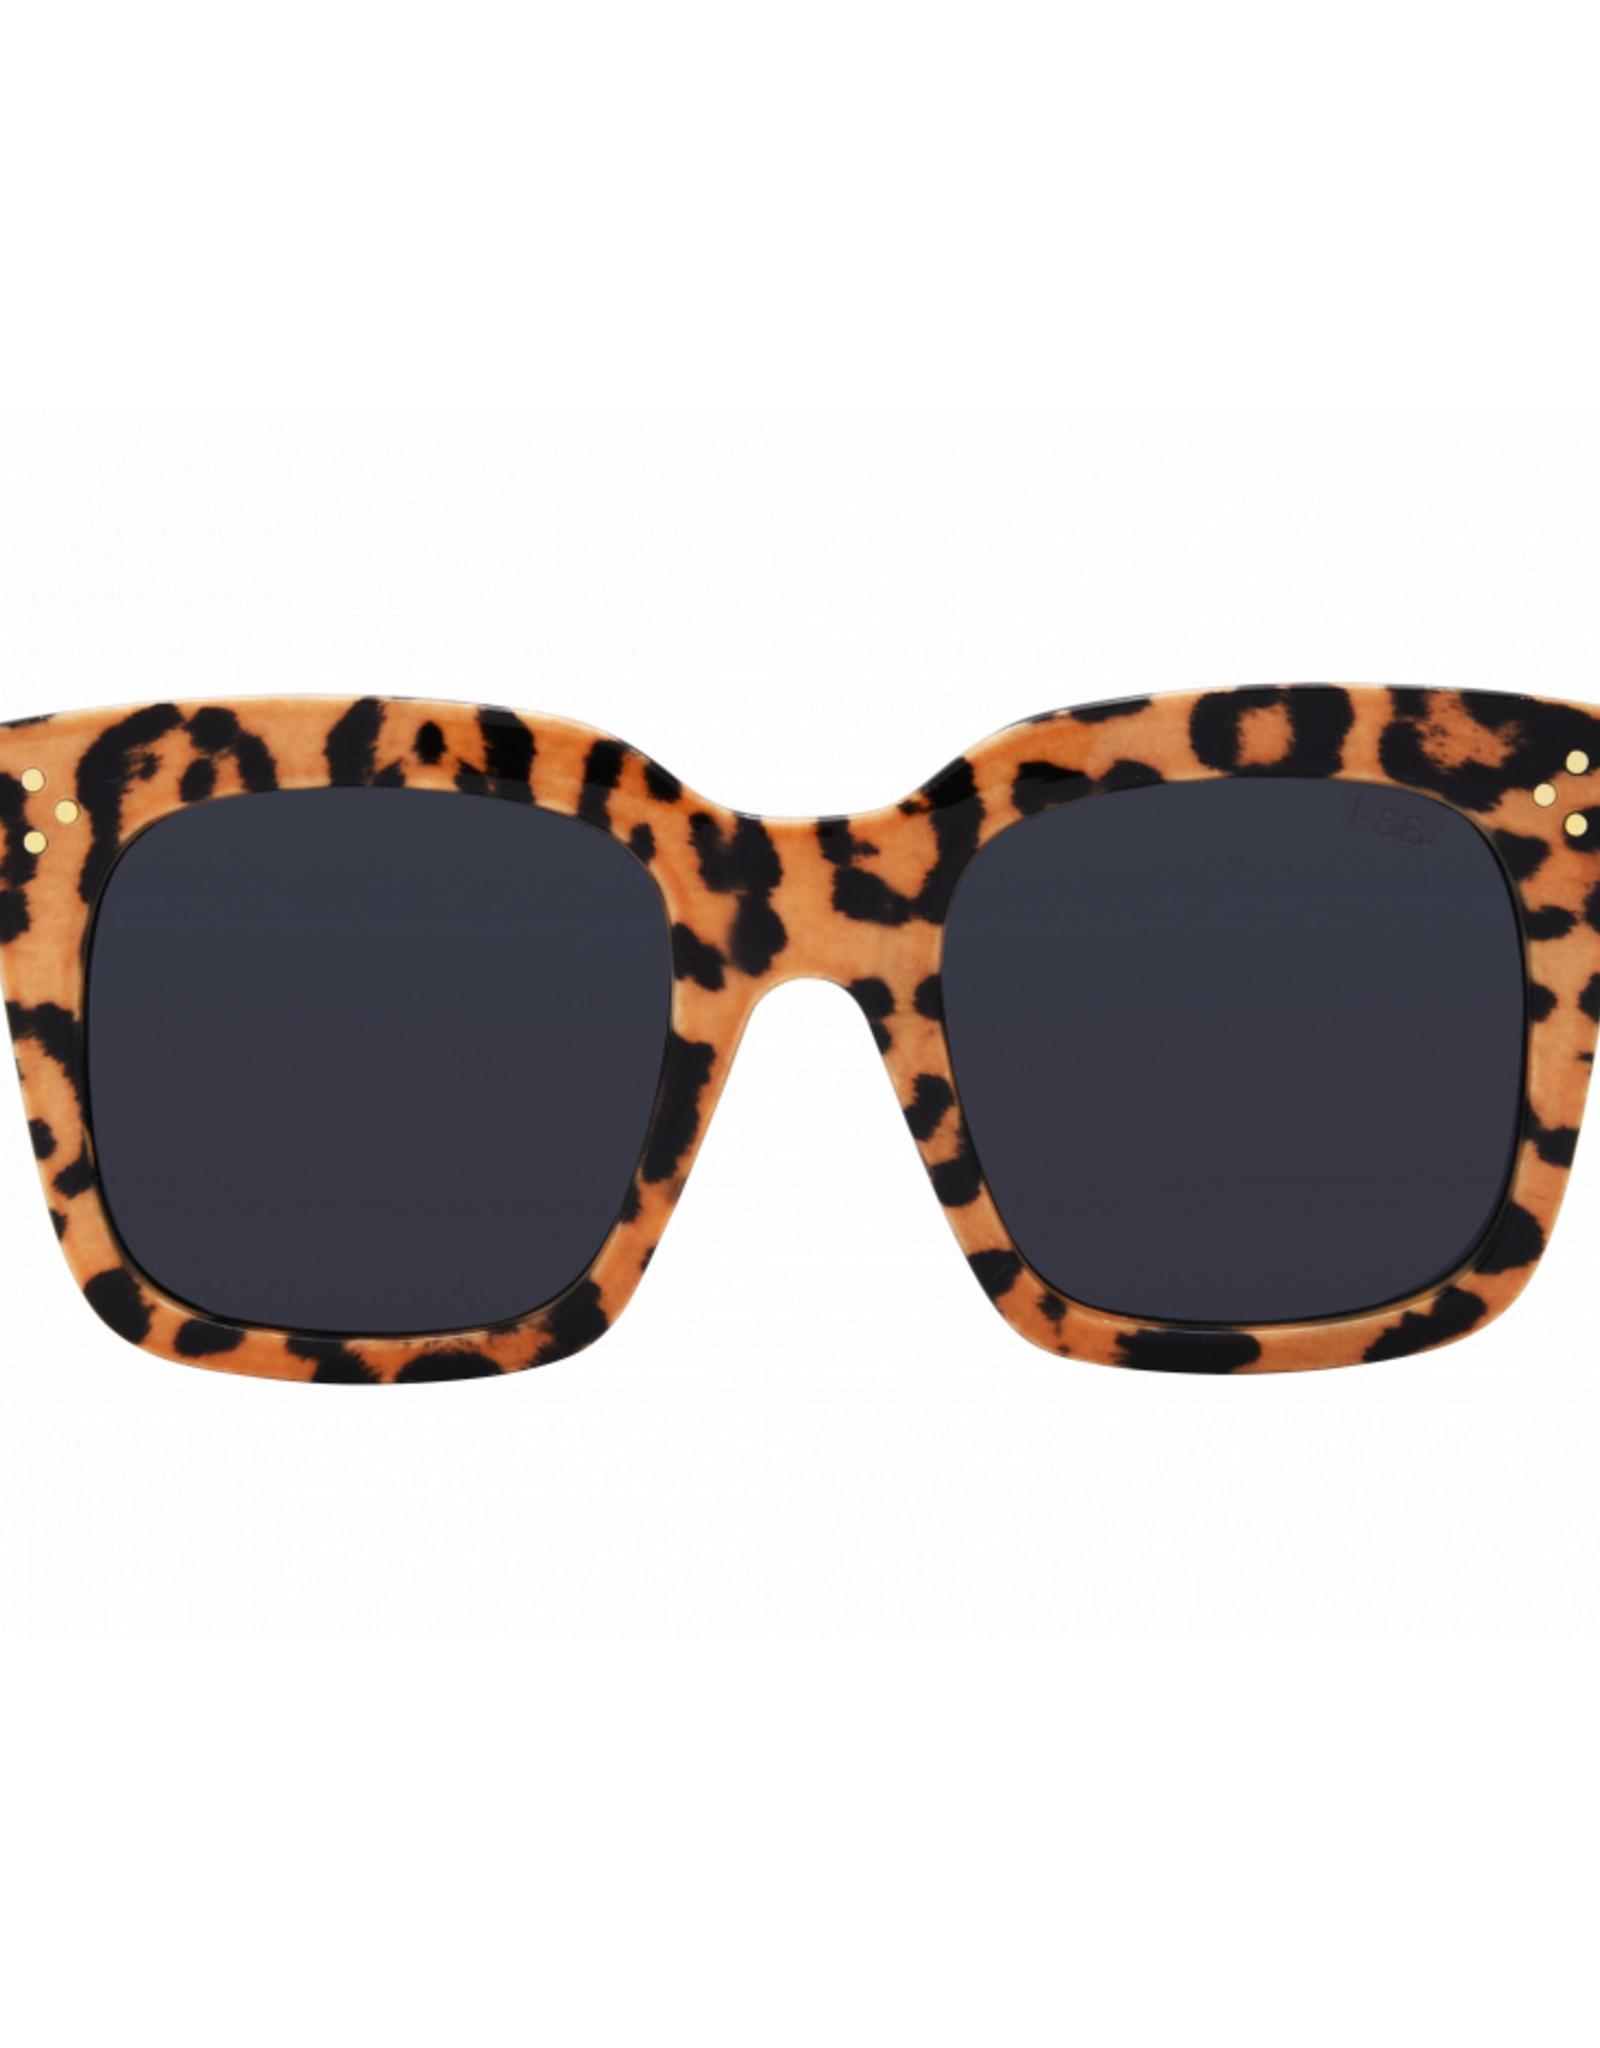 I SEA Waverly Sunglasses